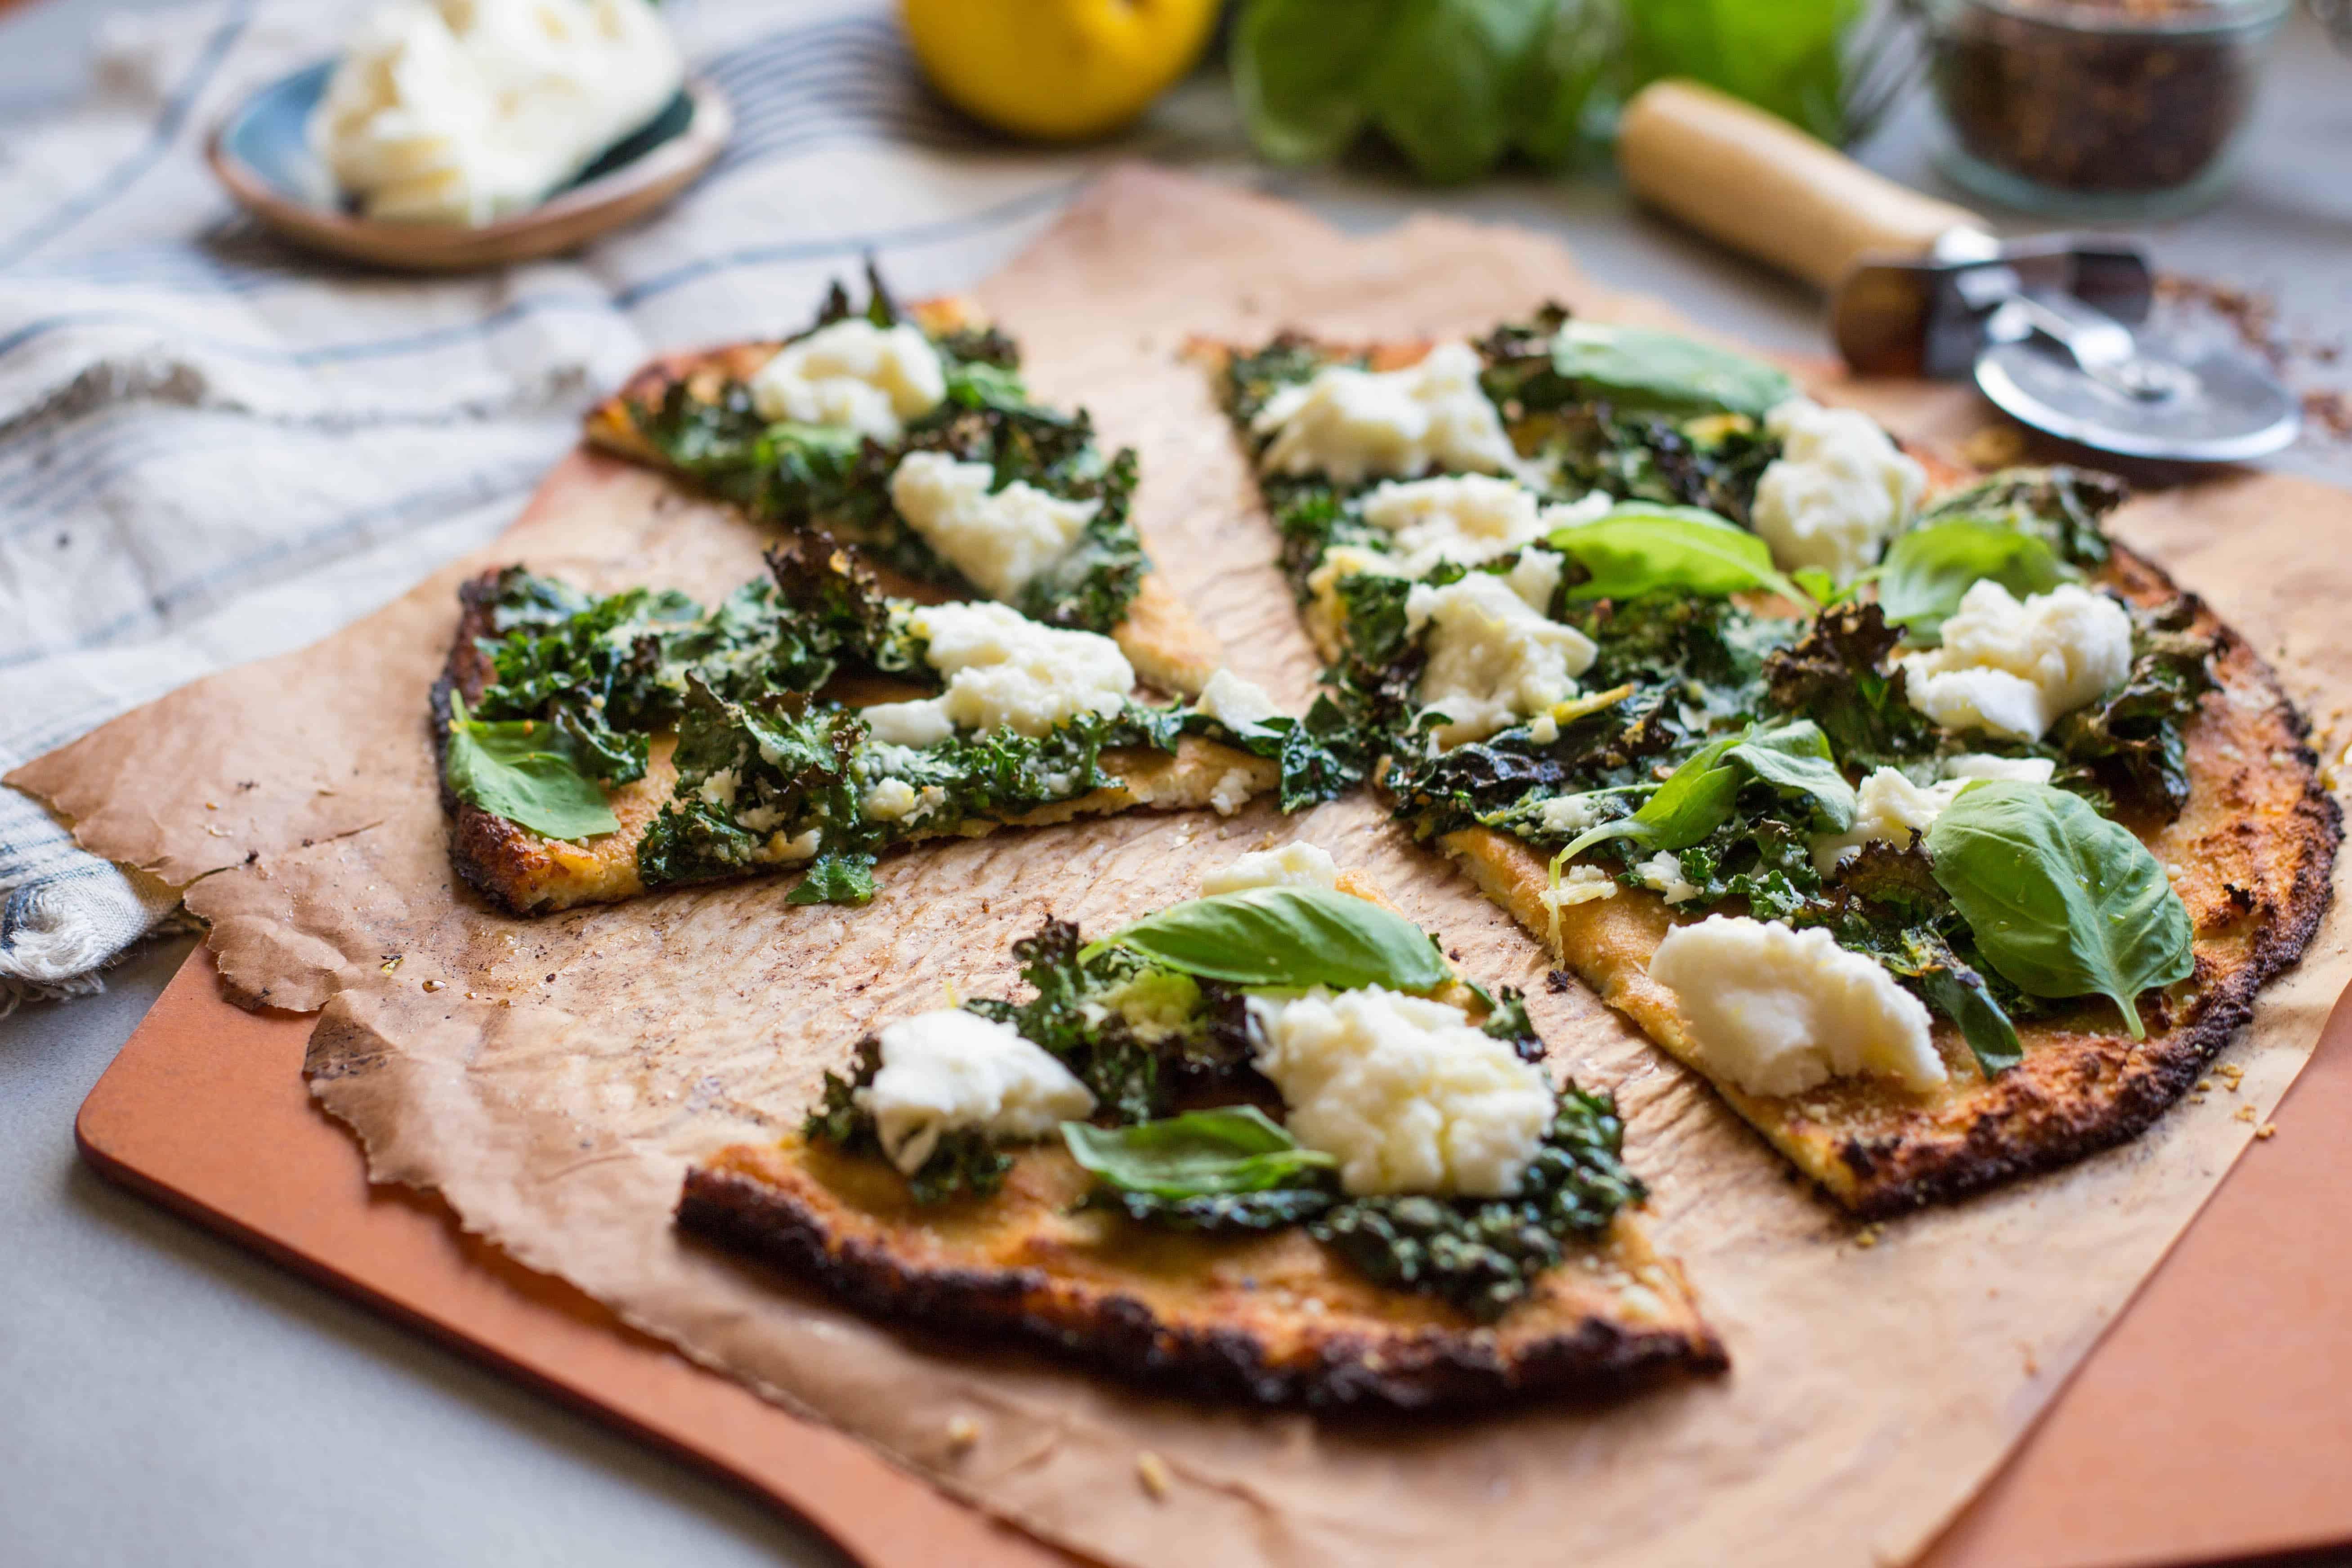 Cauliflower Crust Pizzas with Lemony Kale + Fresh Mozz